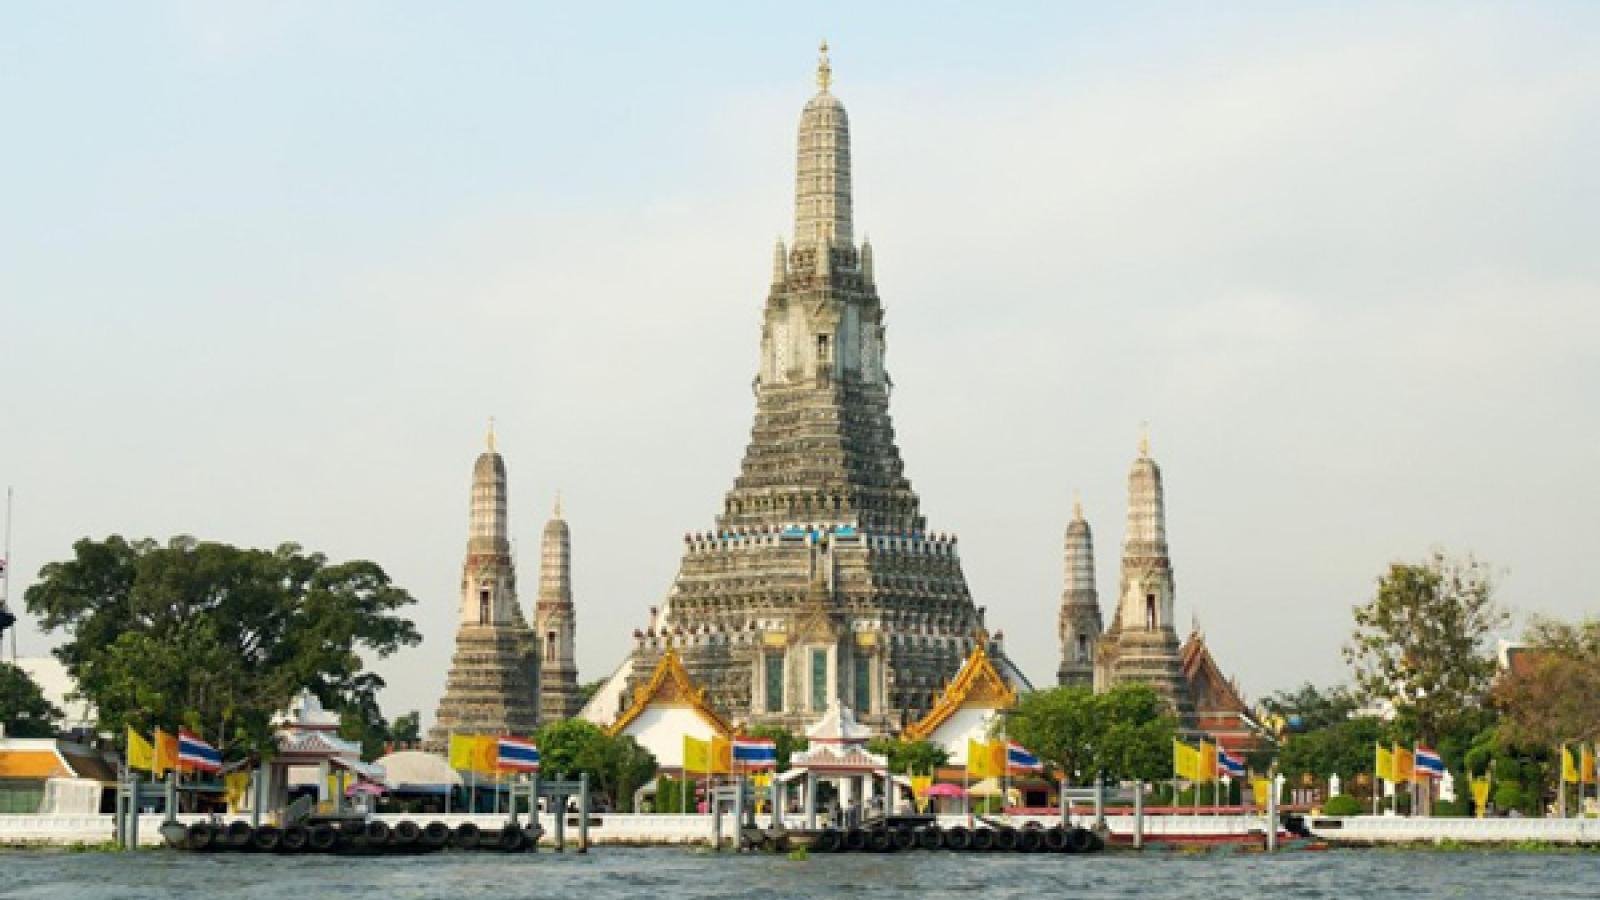 Thái Lan phê duyệt gói kích cầu du lịch nội địa trị giá 720 triệu USD